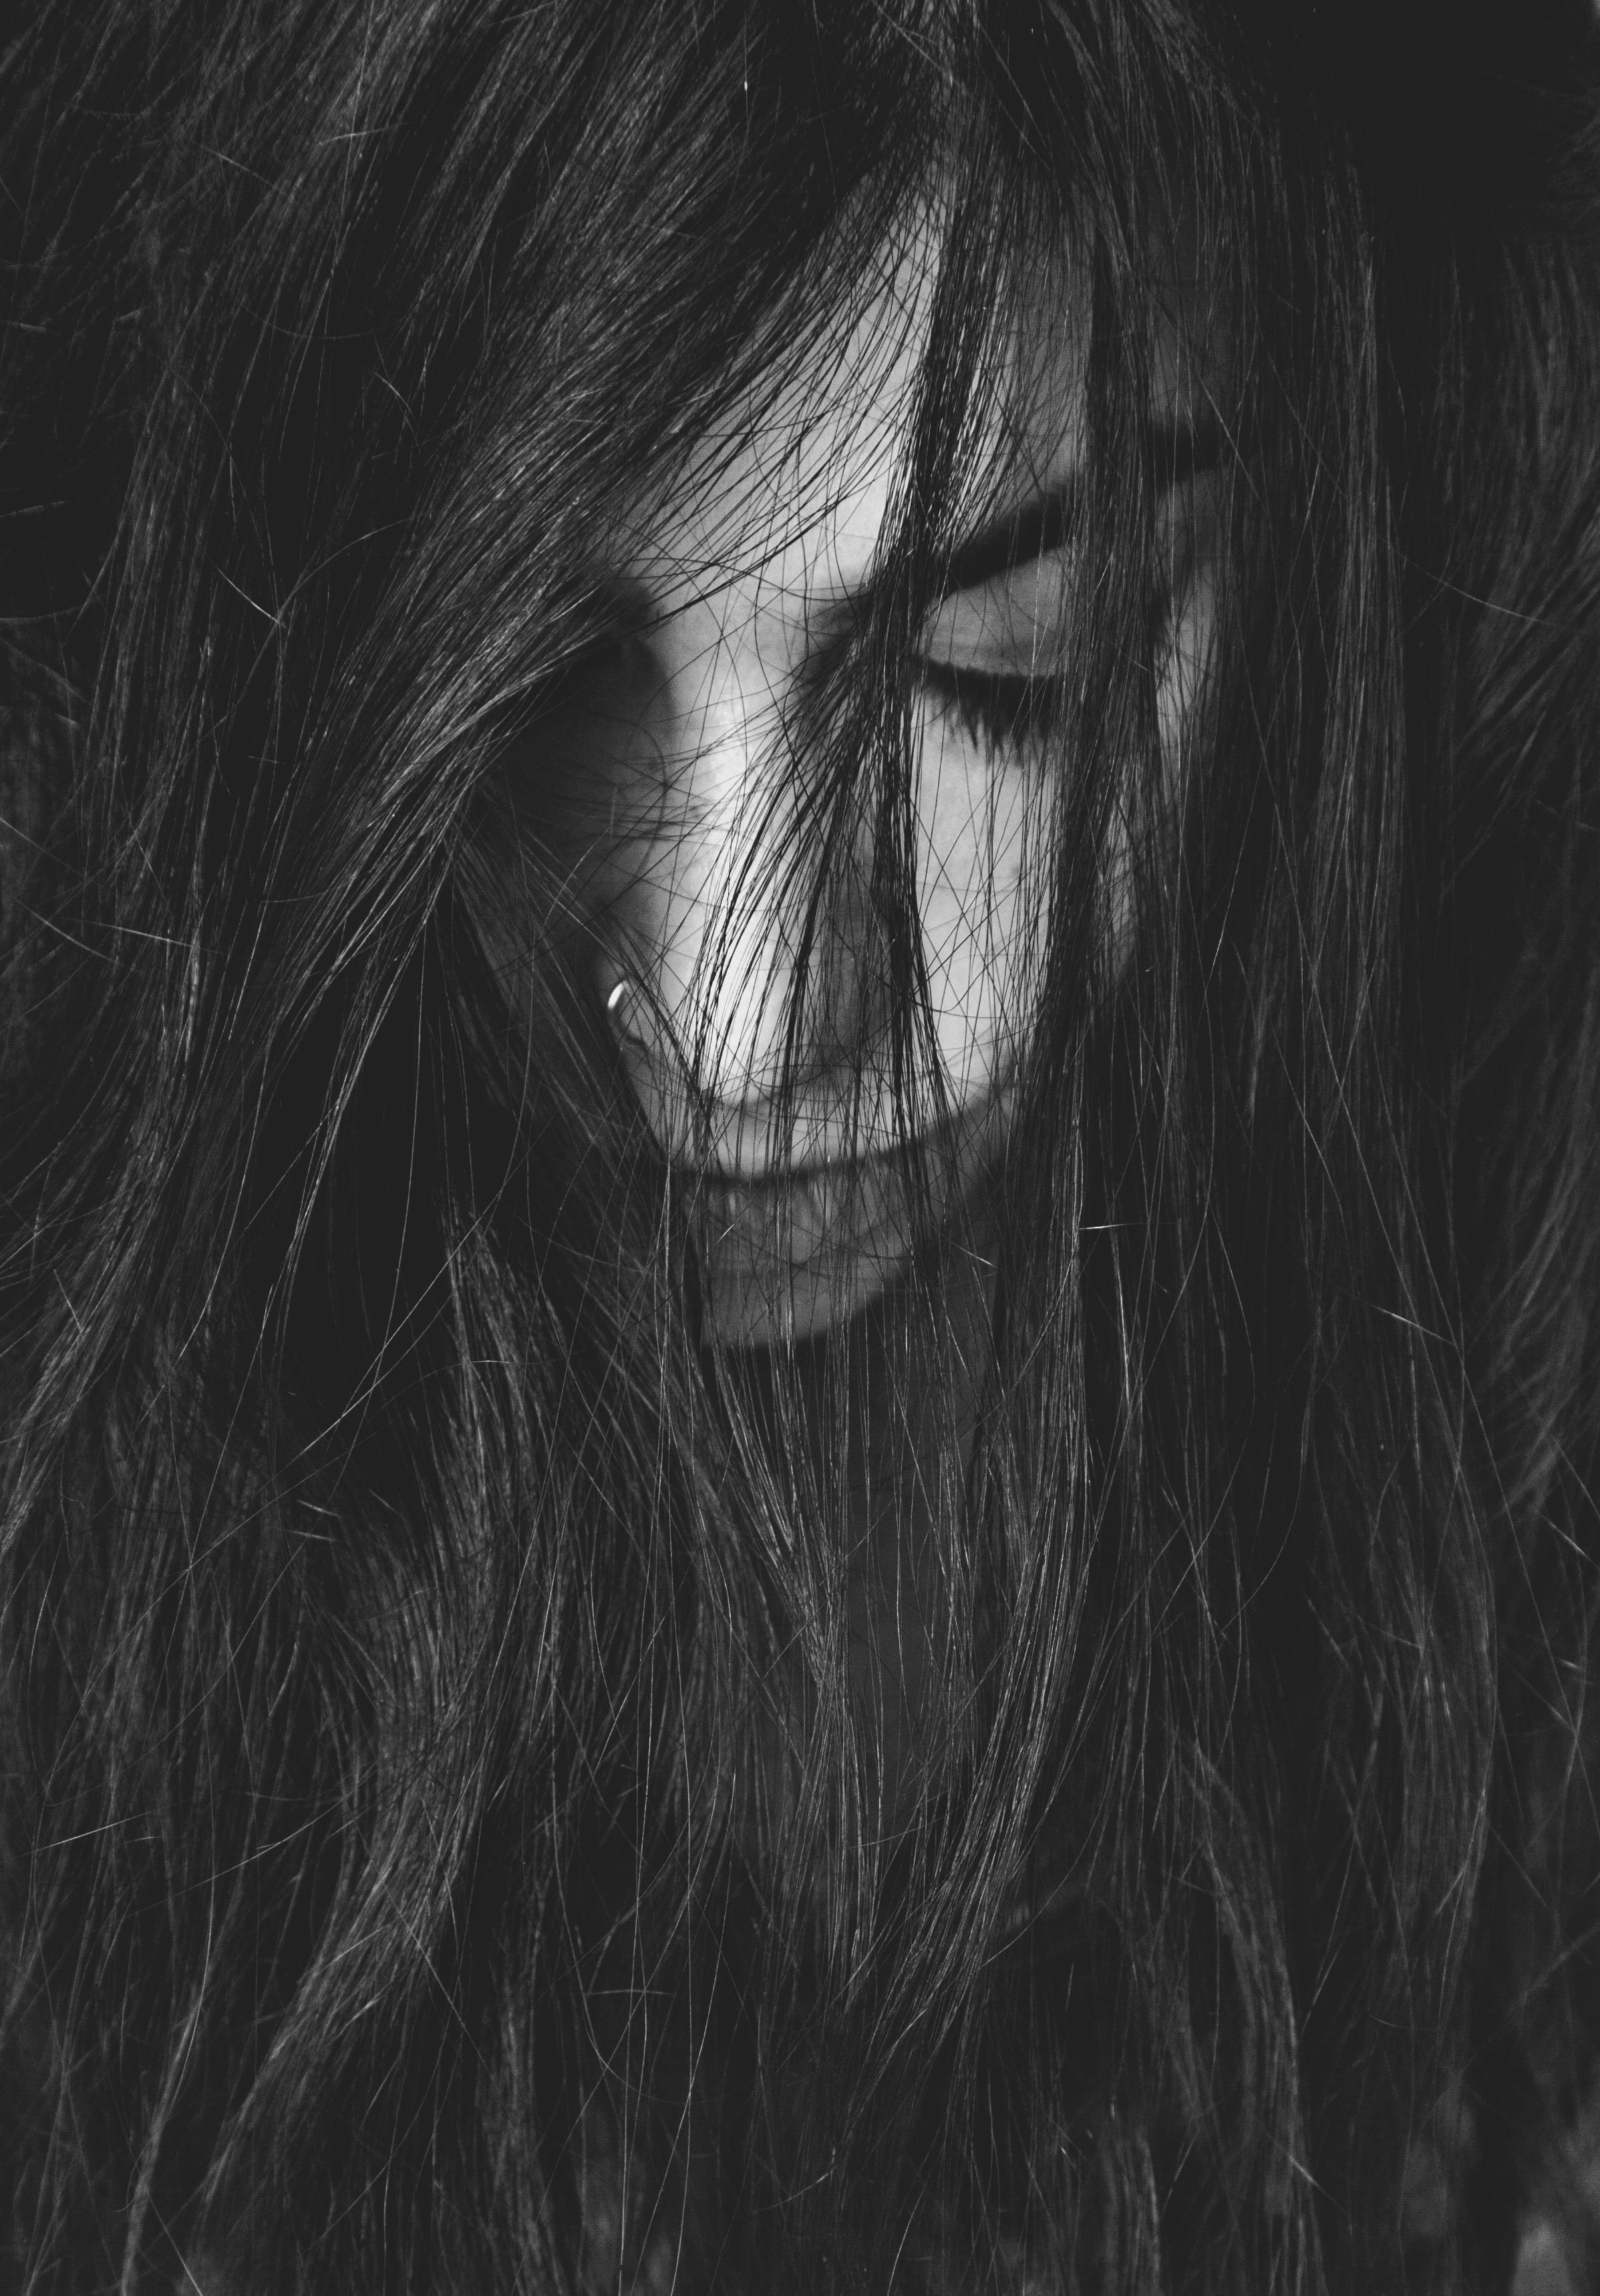 Gambar Hitam Dan Putih Rambut Potret Kegelapan Satu